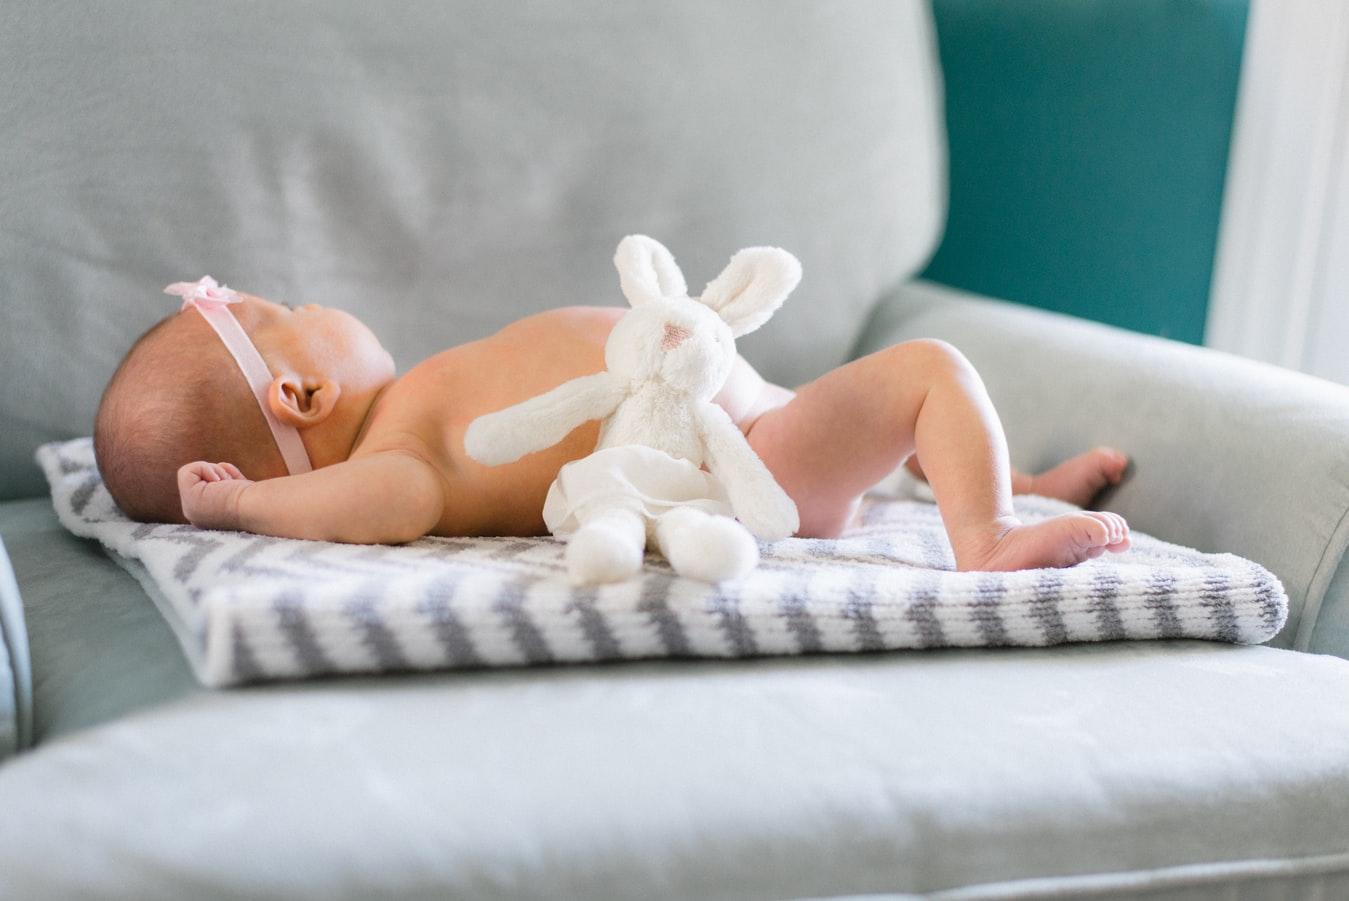 bébé entouré de ses cadeaux de naissance comme un doudou